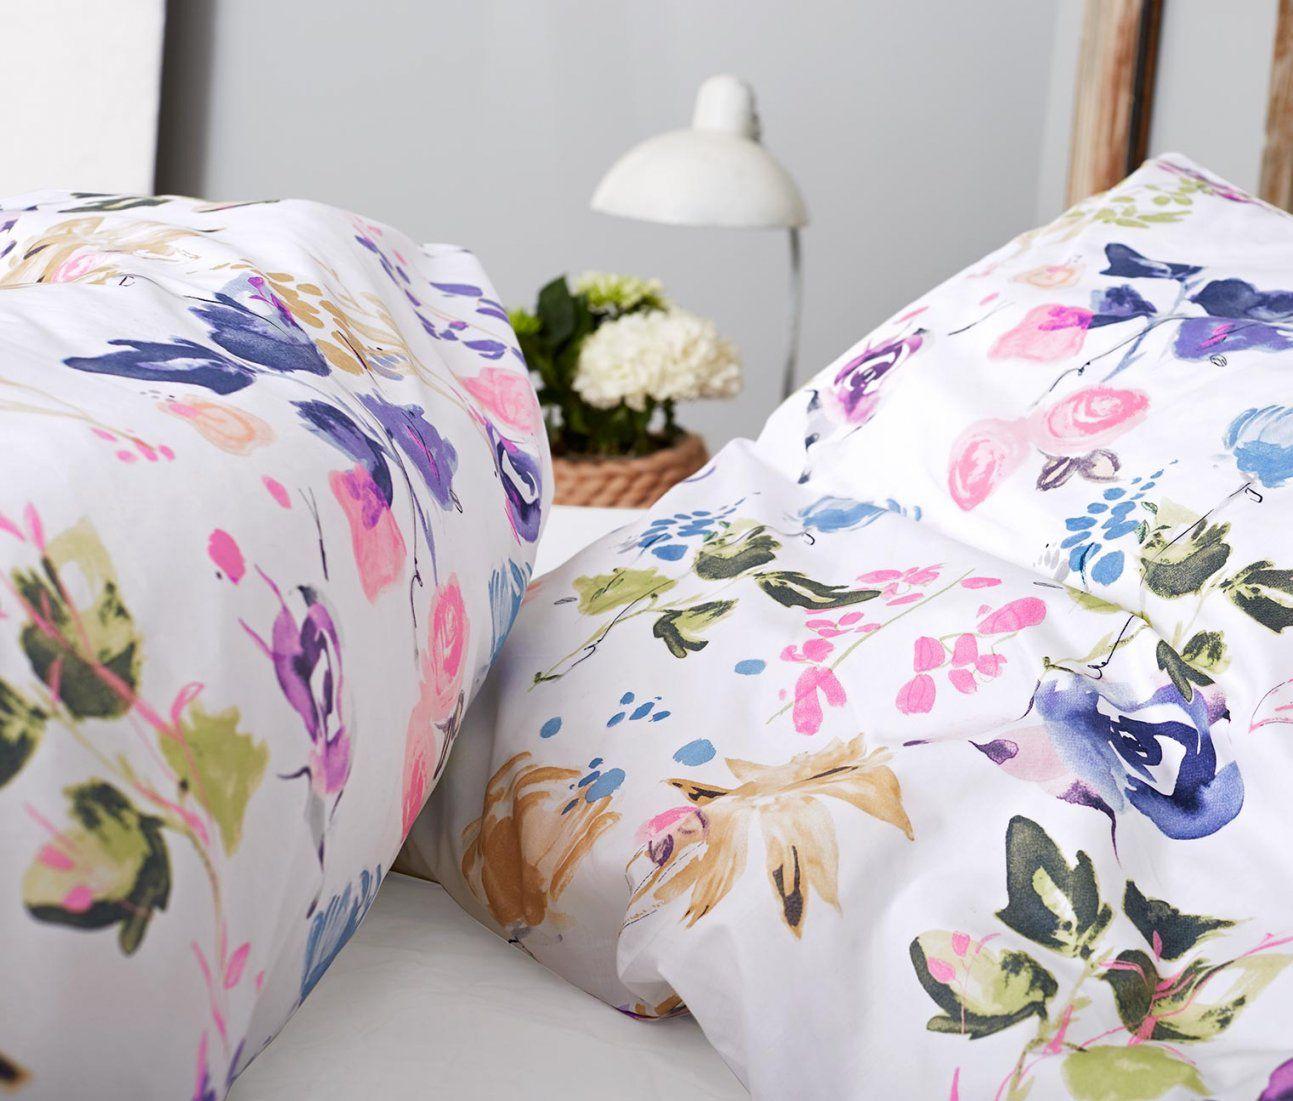 Perkalbettwäsche Übergröße Online Bestellen Bei Tchibo 342094 von Tchibo Bettwäsche Übergröße Photo